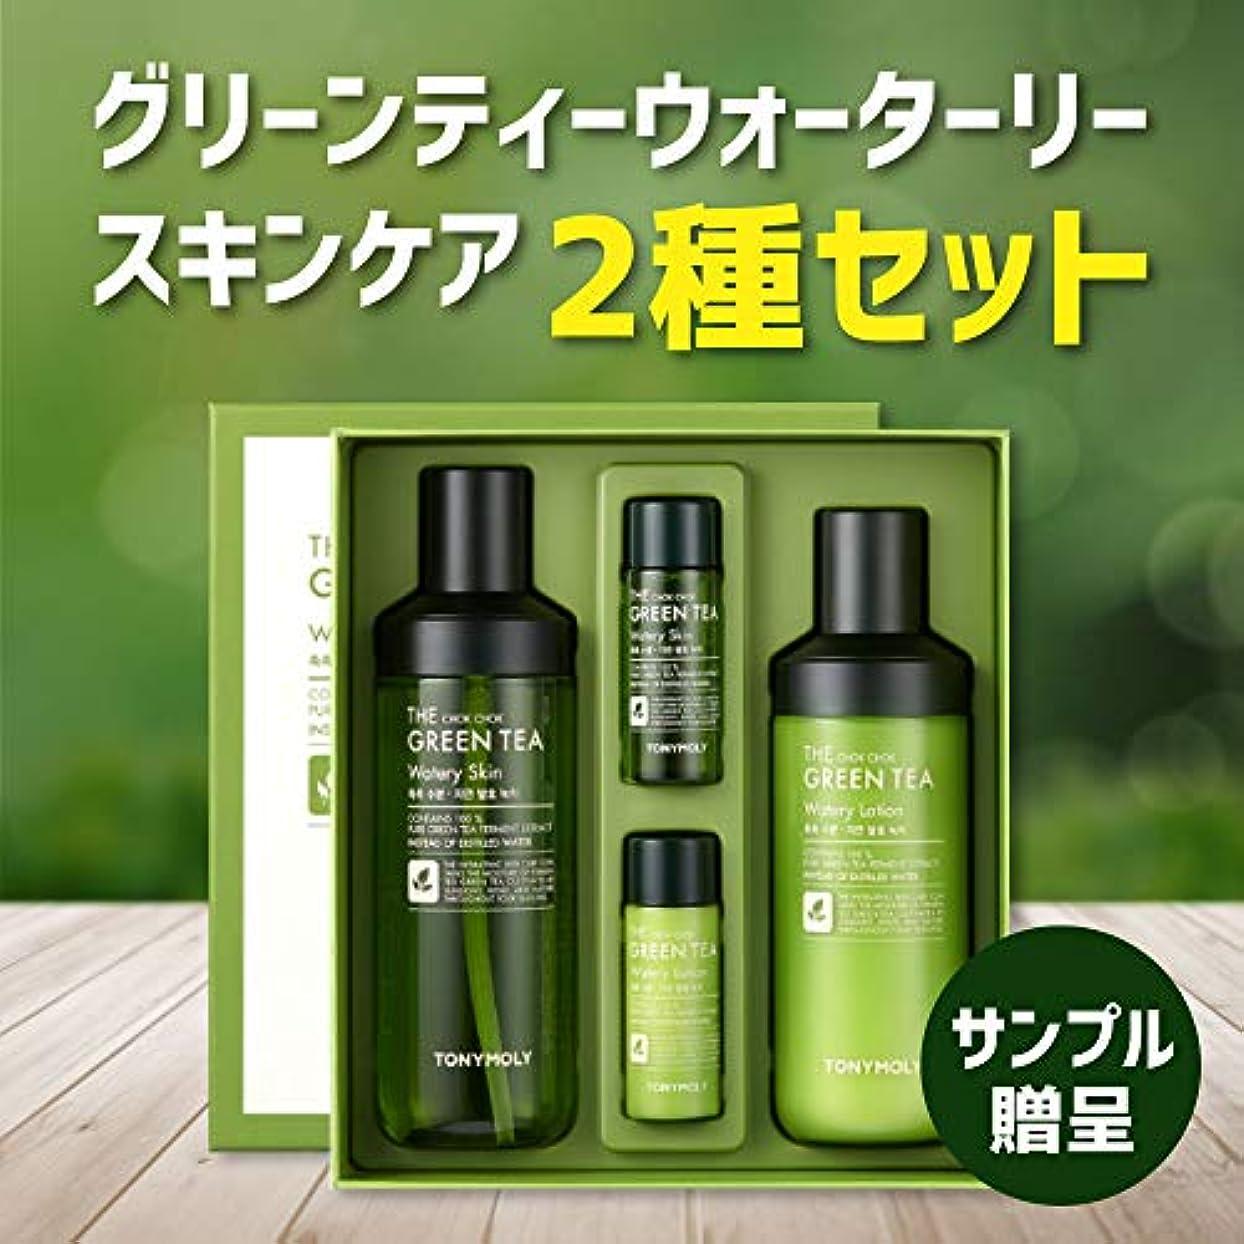 ご近所兵士ライナーTONYMOLY しっとり グリーン ティー 水分 化粧水 乳液 セット 抹茶 The Chok Chok Green Tea Watery Skin